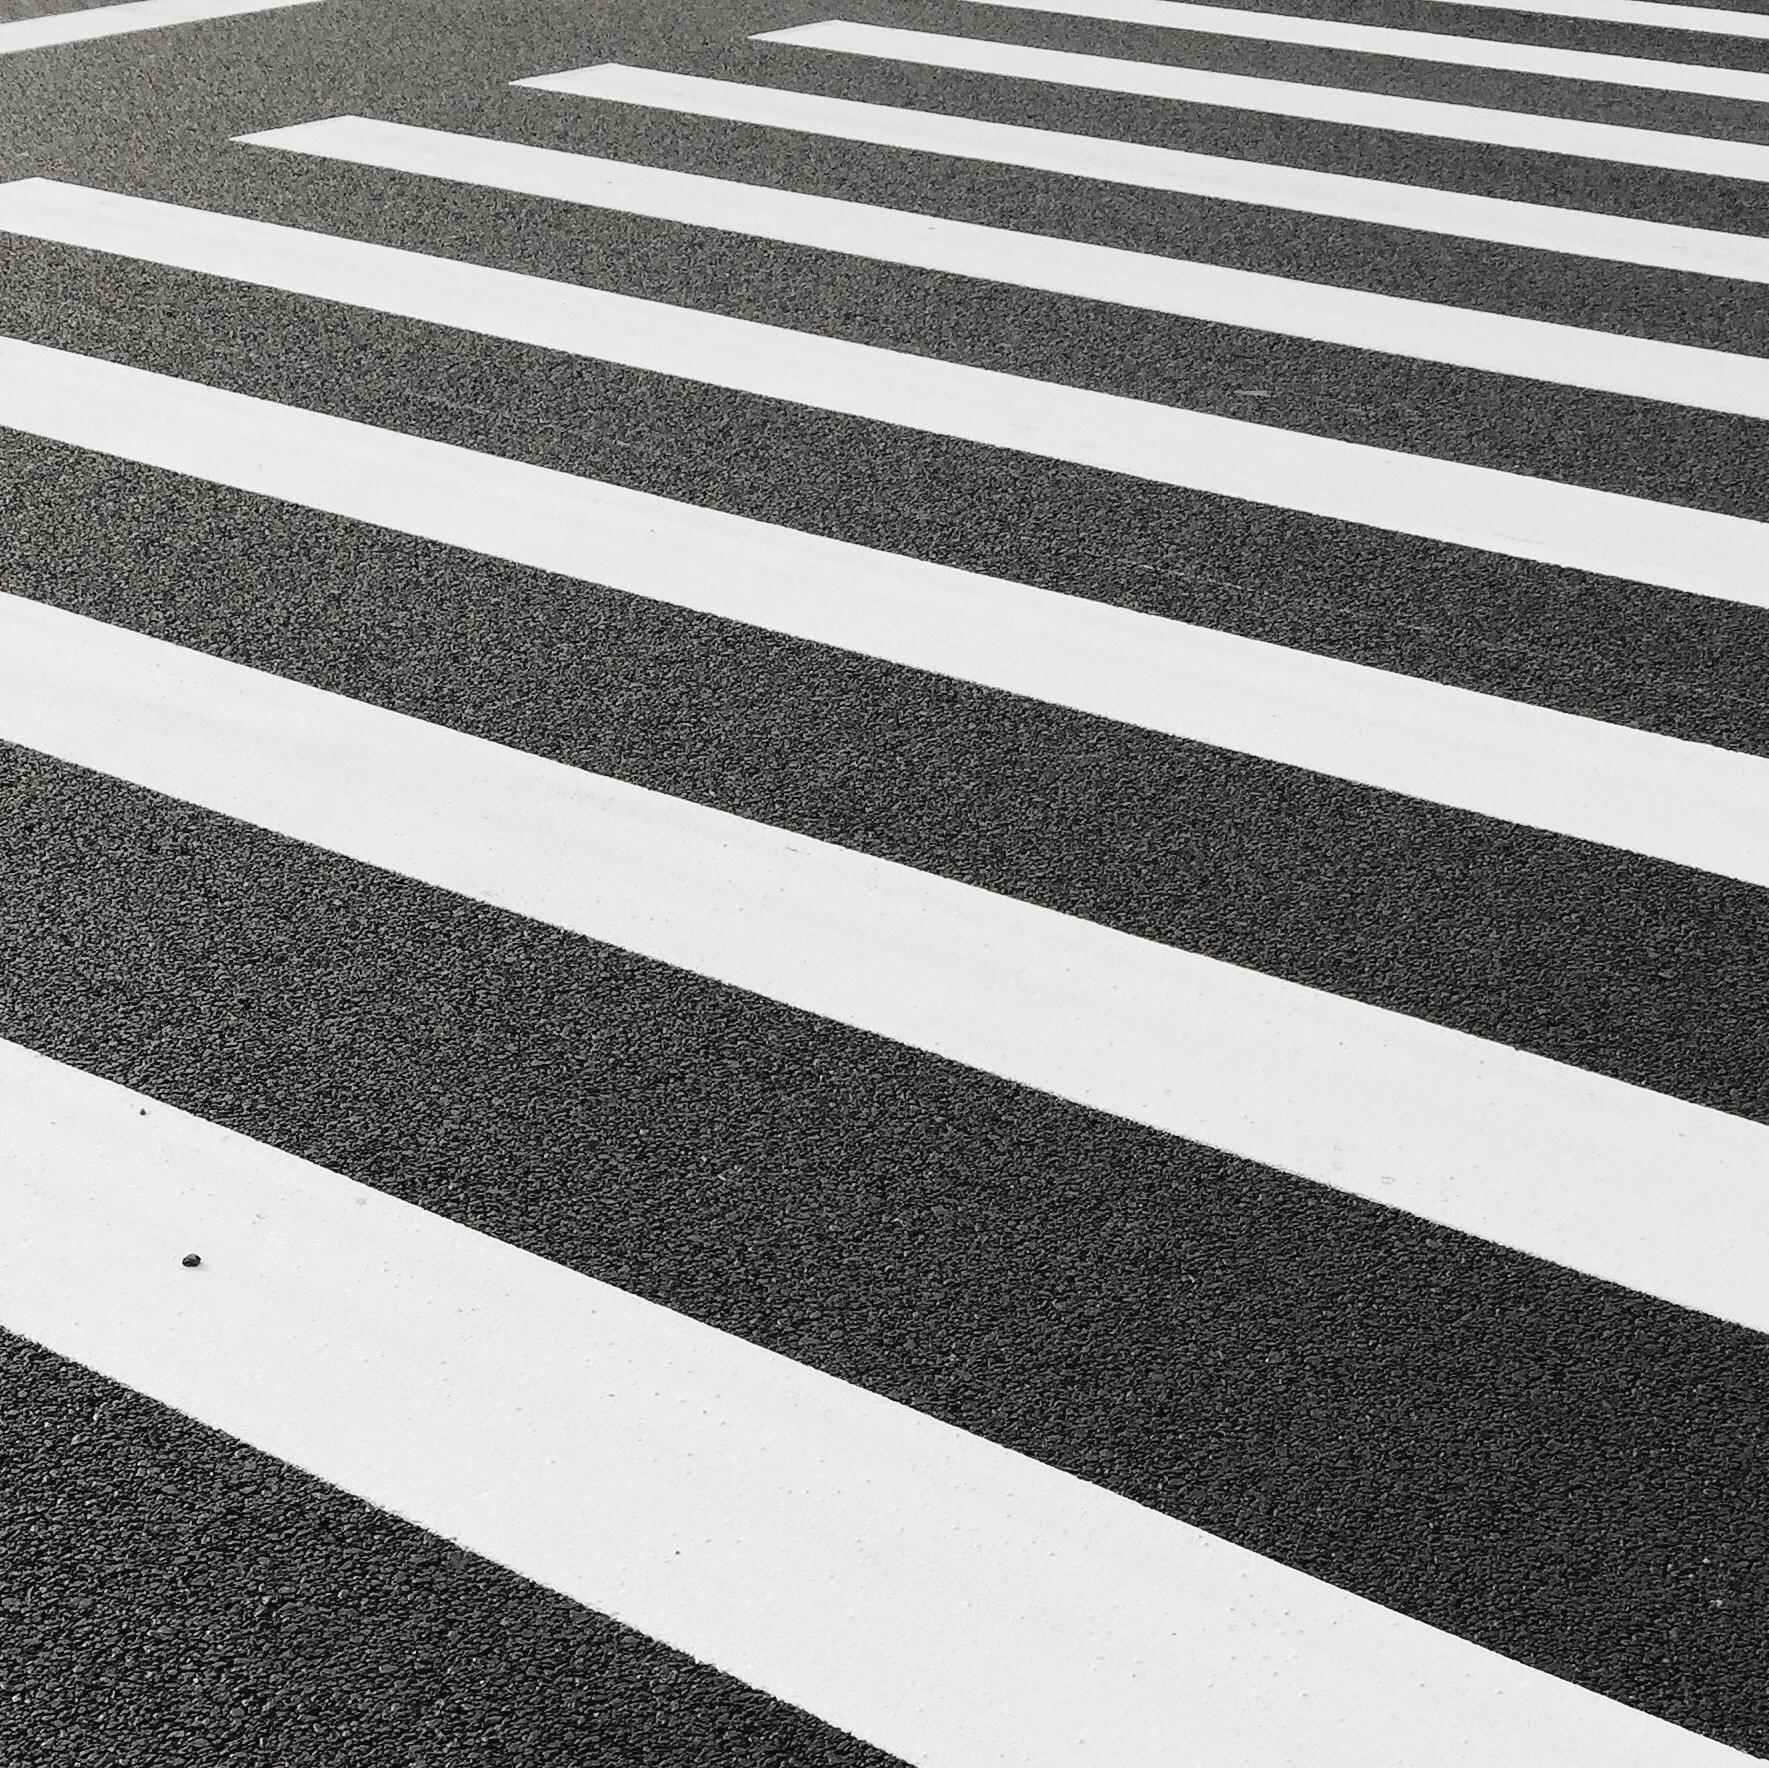 В Курске от ул. Сумской до областной клинической больницы обустроят временный тротуар